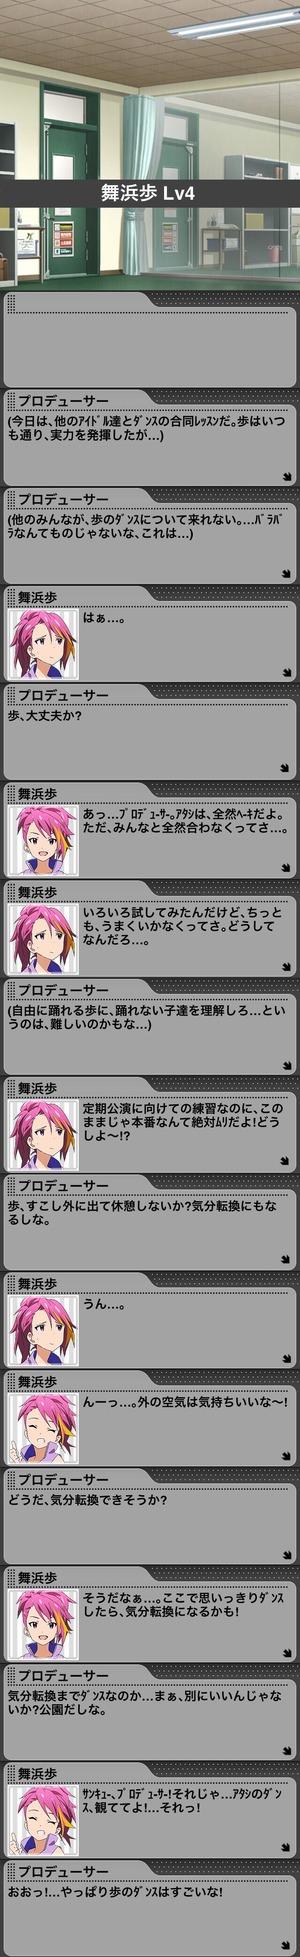 舞浜歩アイドルストーリーLv4_2